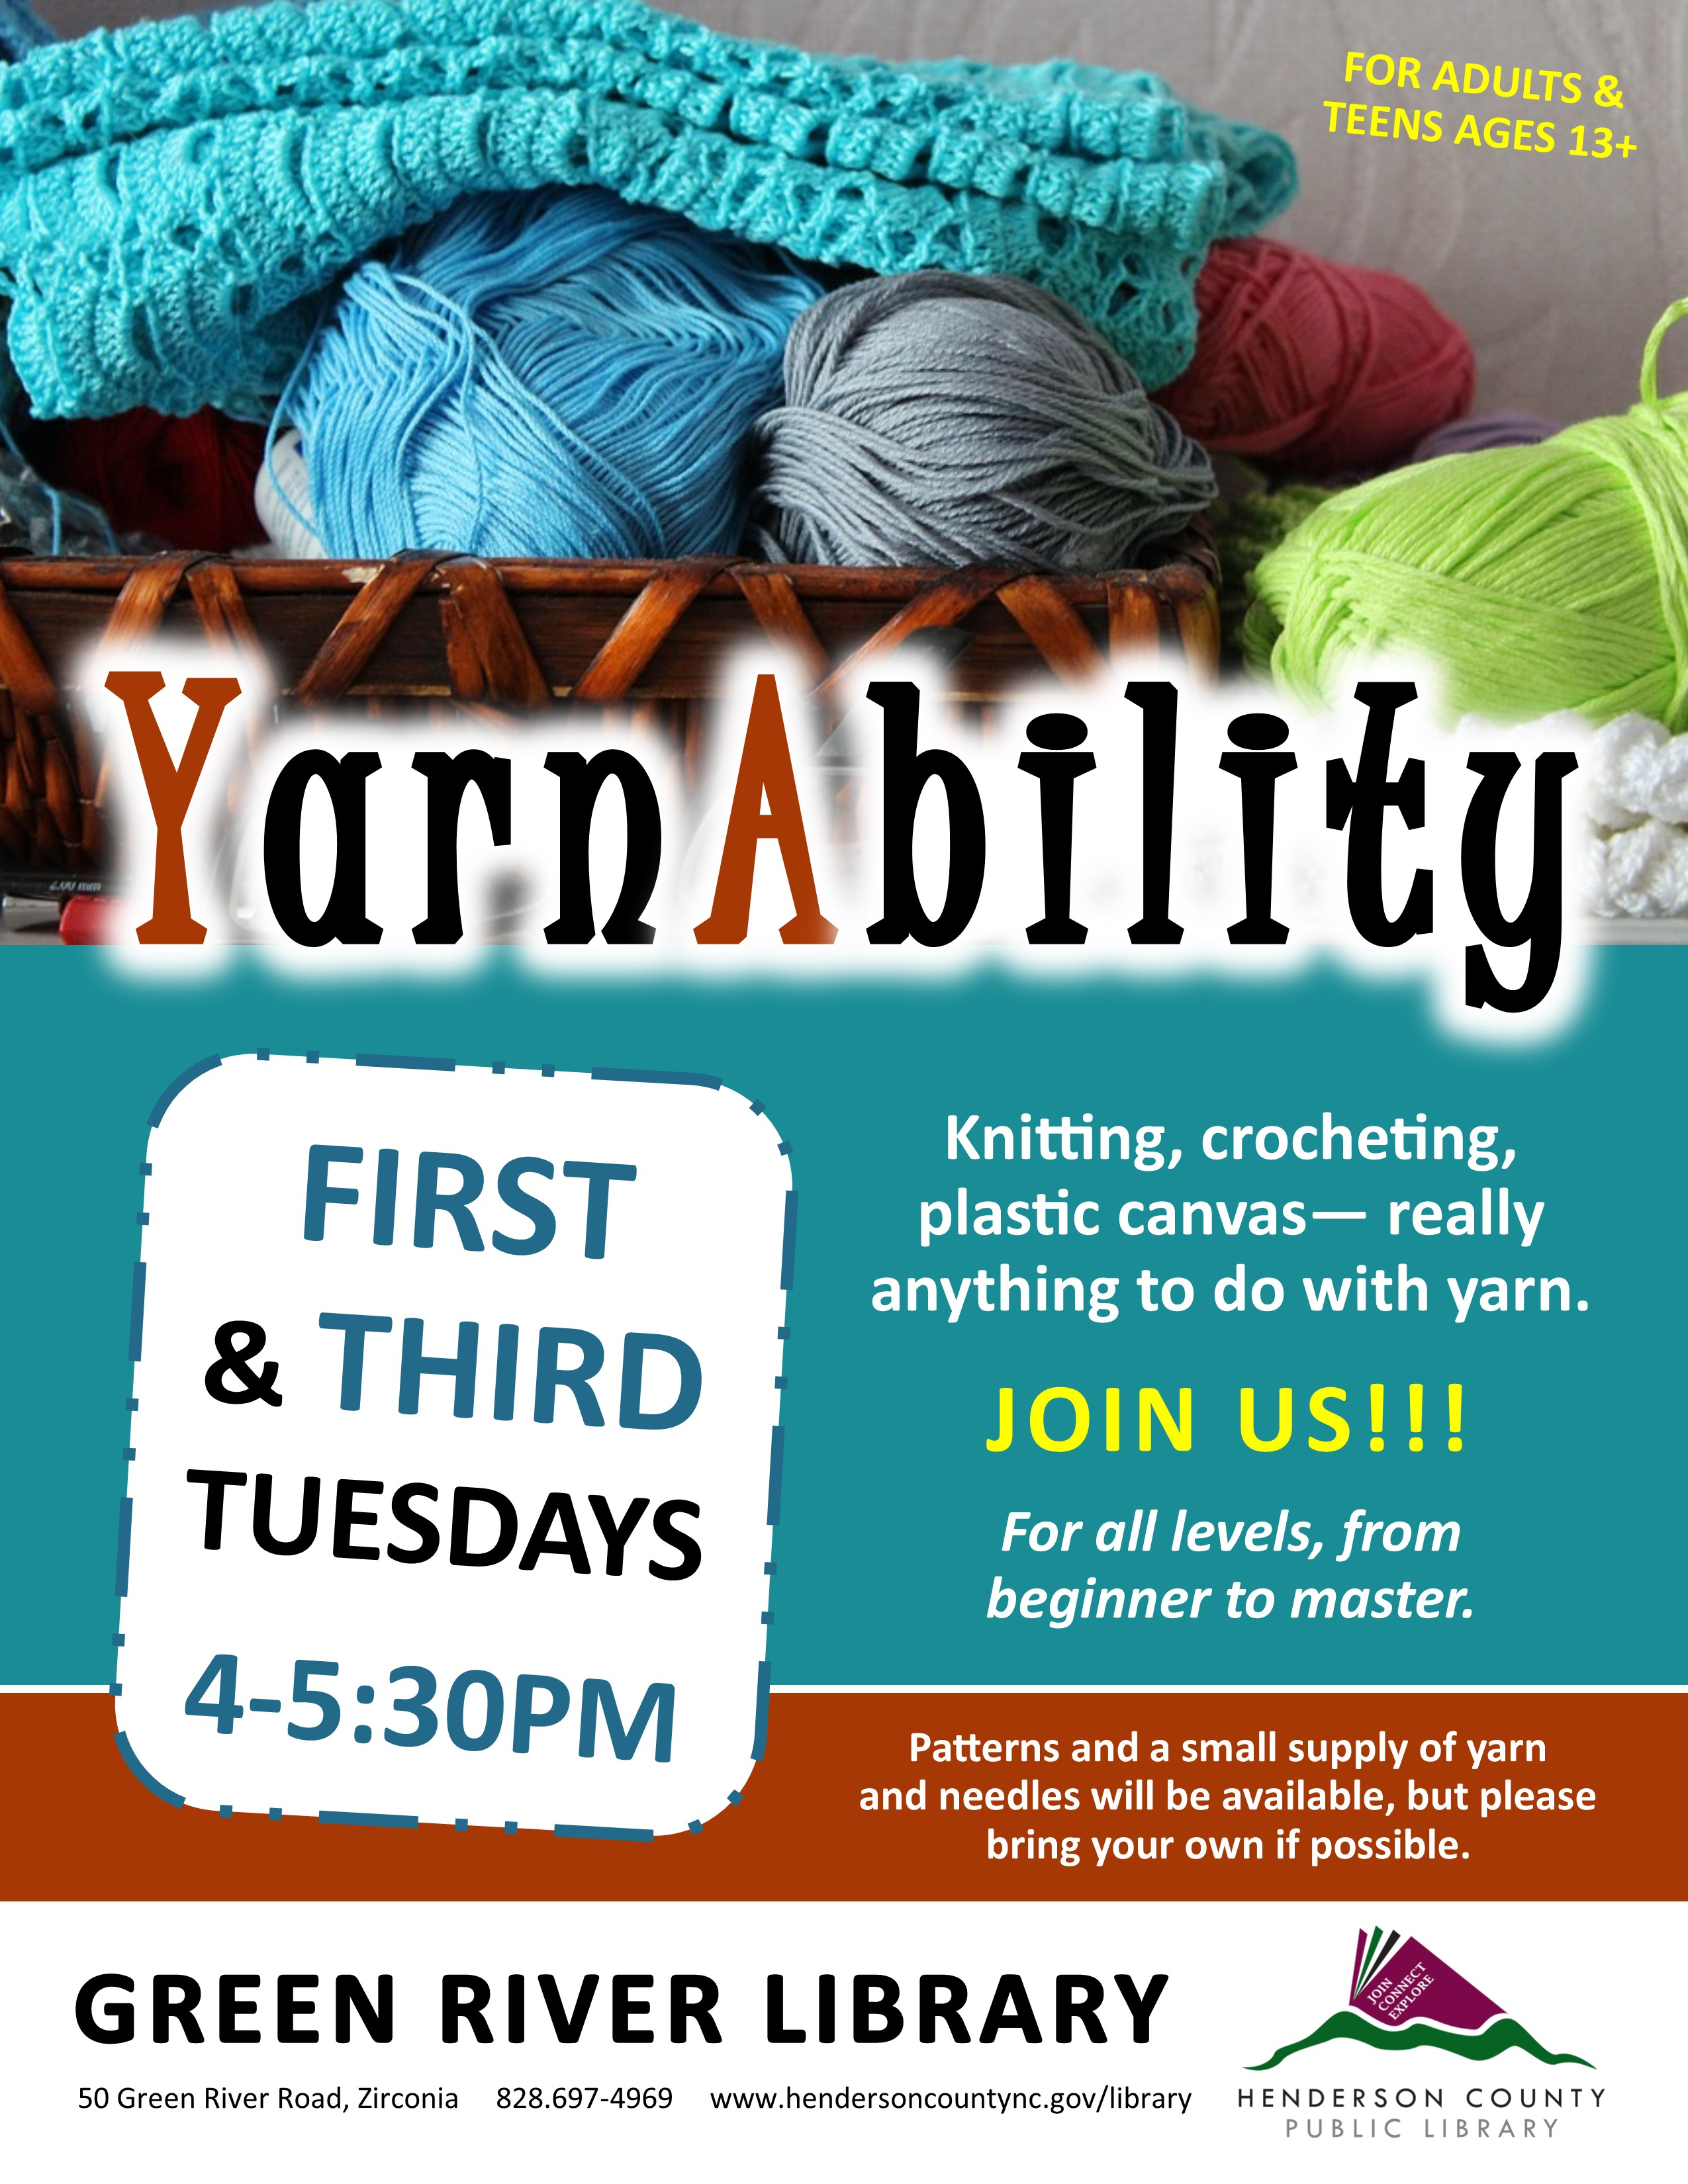 YarnAbility